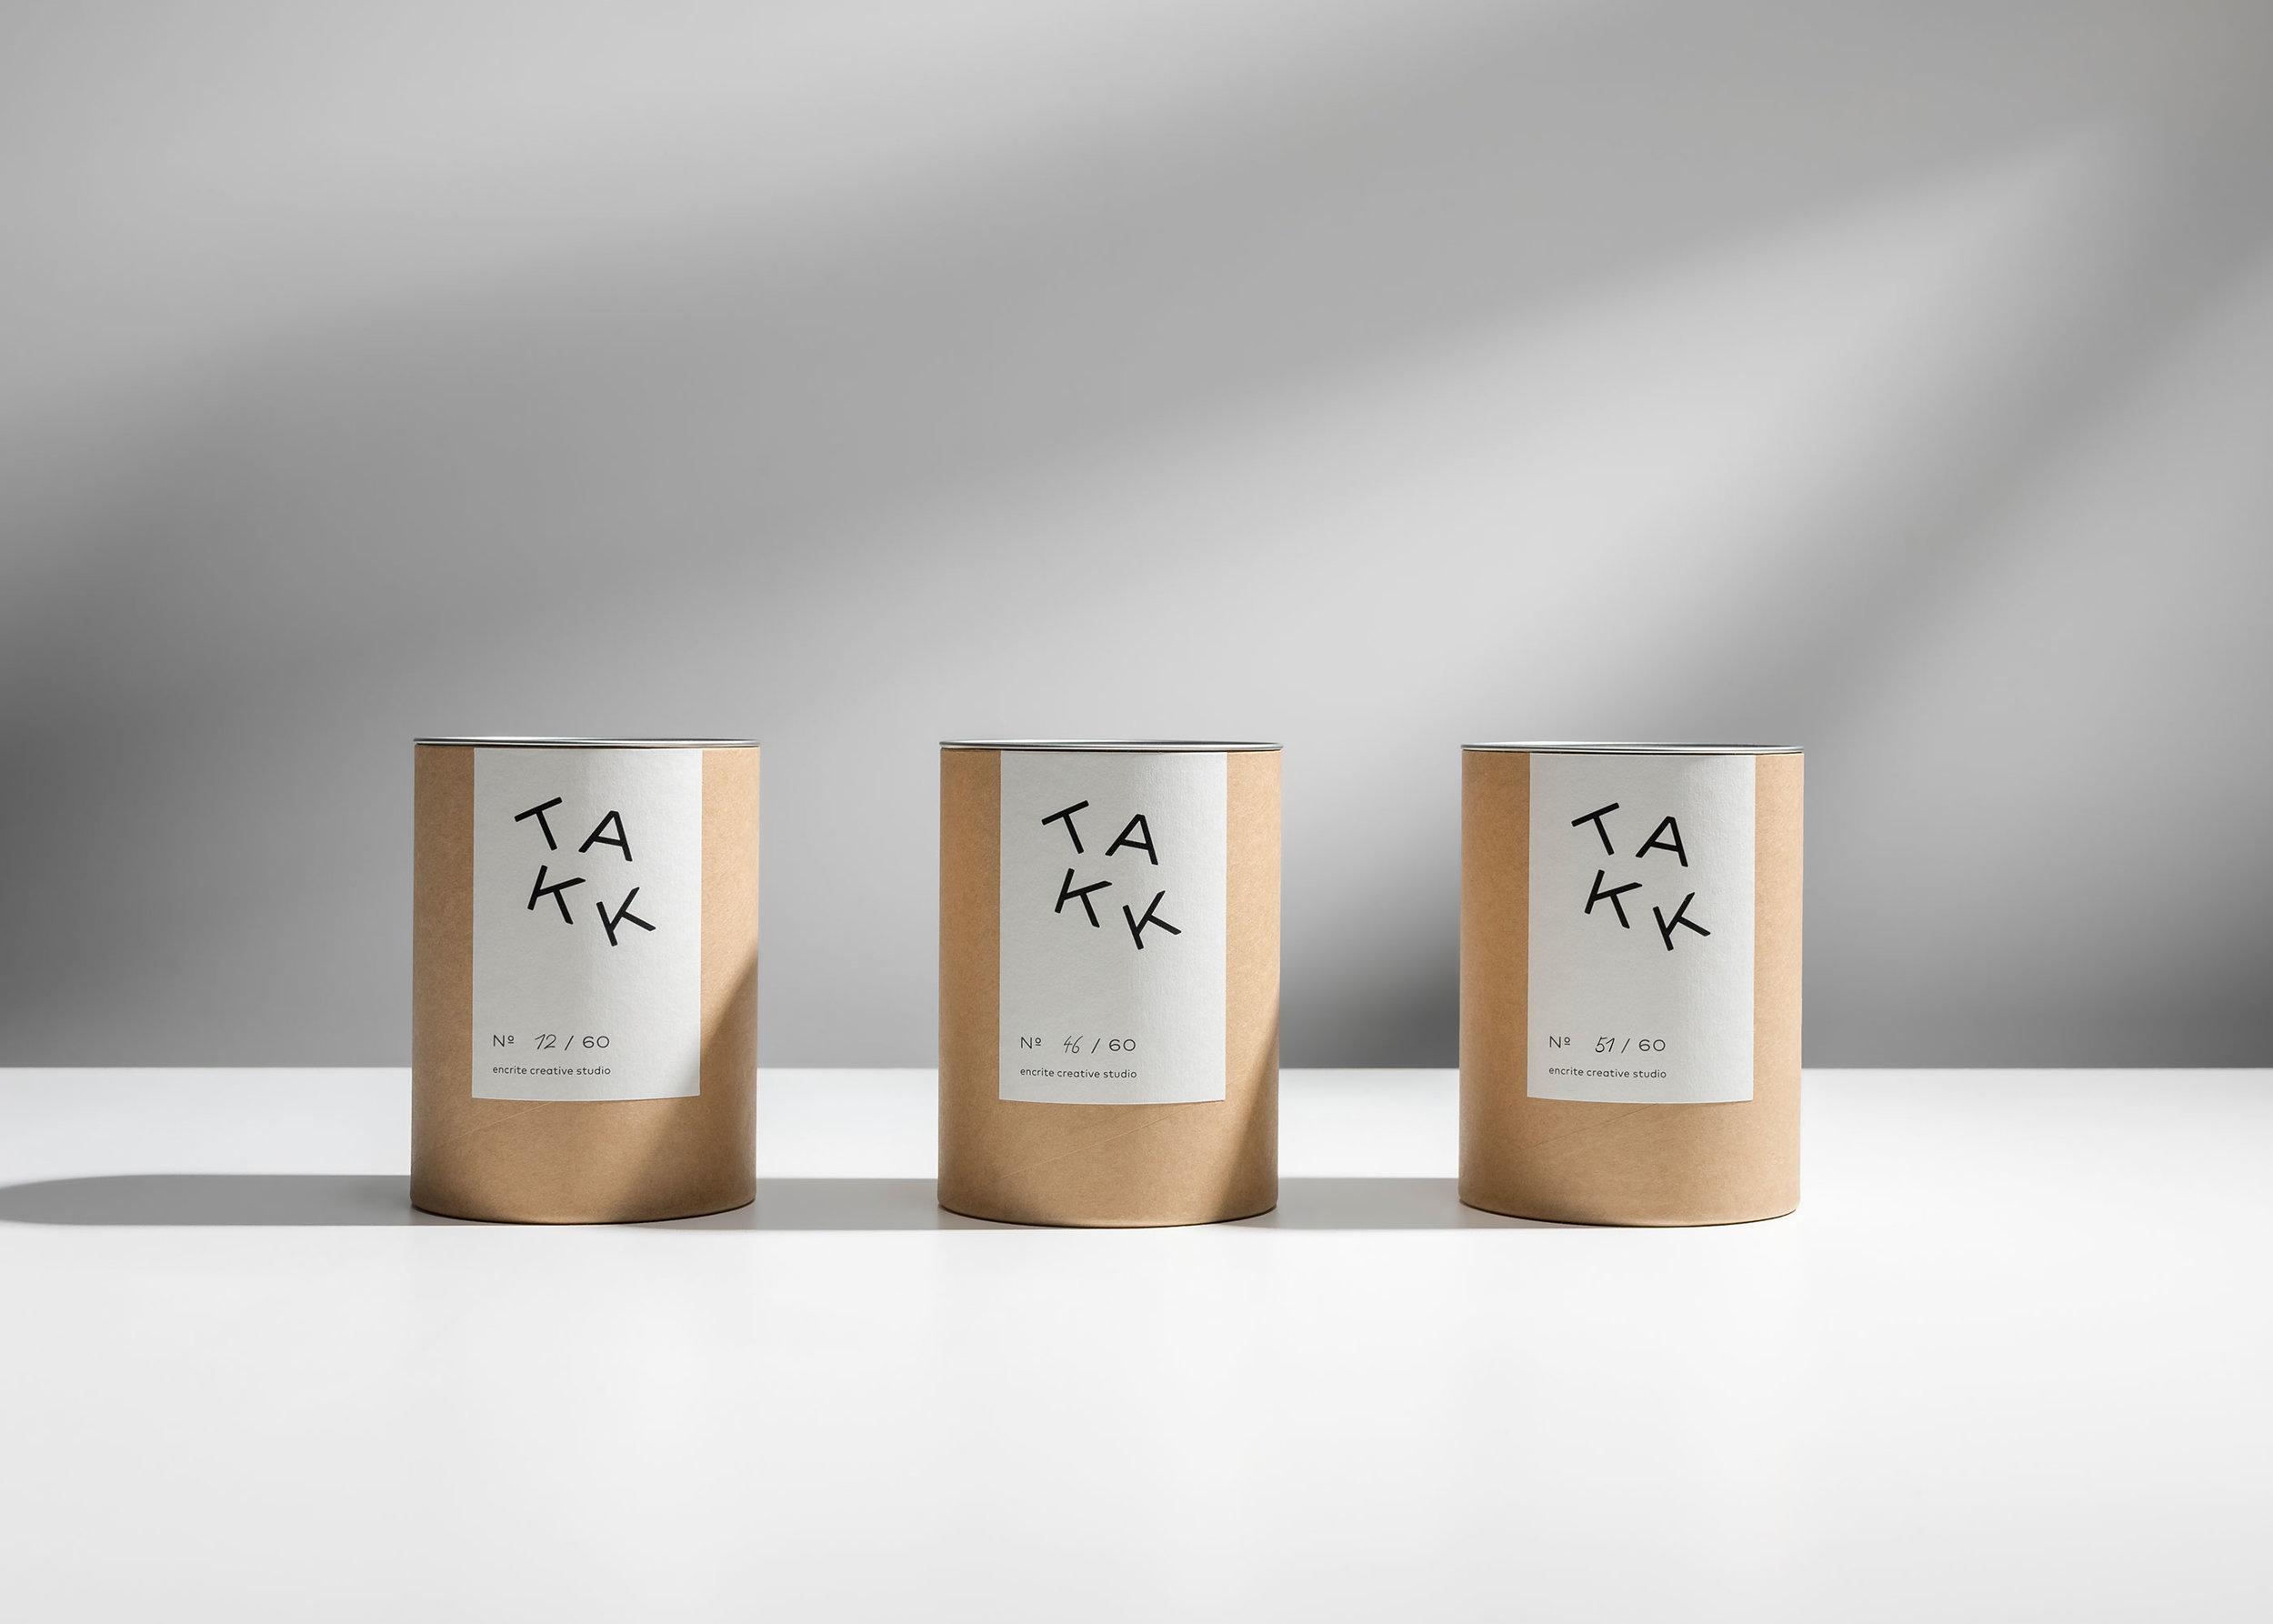 Takk Nordic Nature Scent Packaging Design / World Brand Design Society